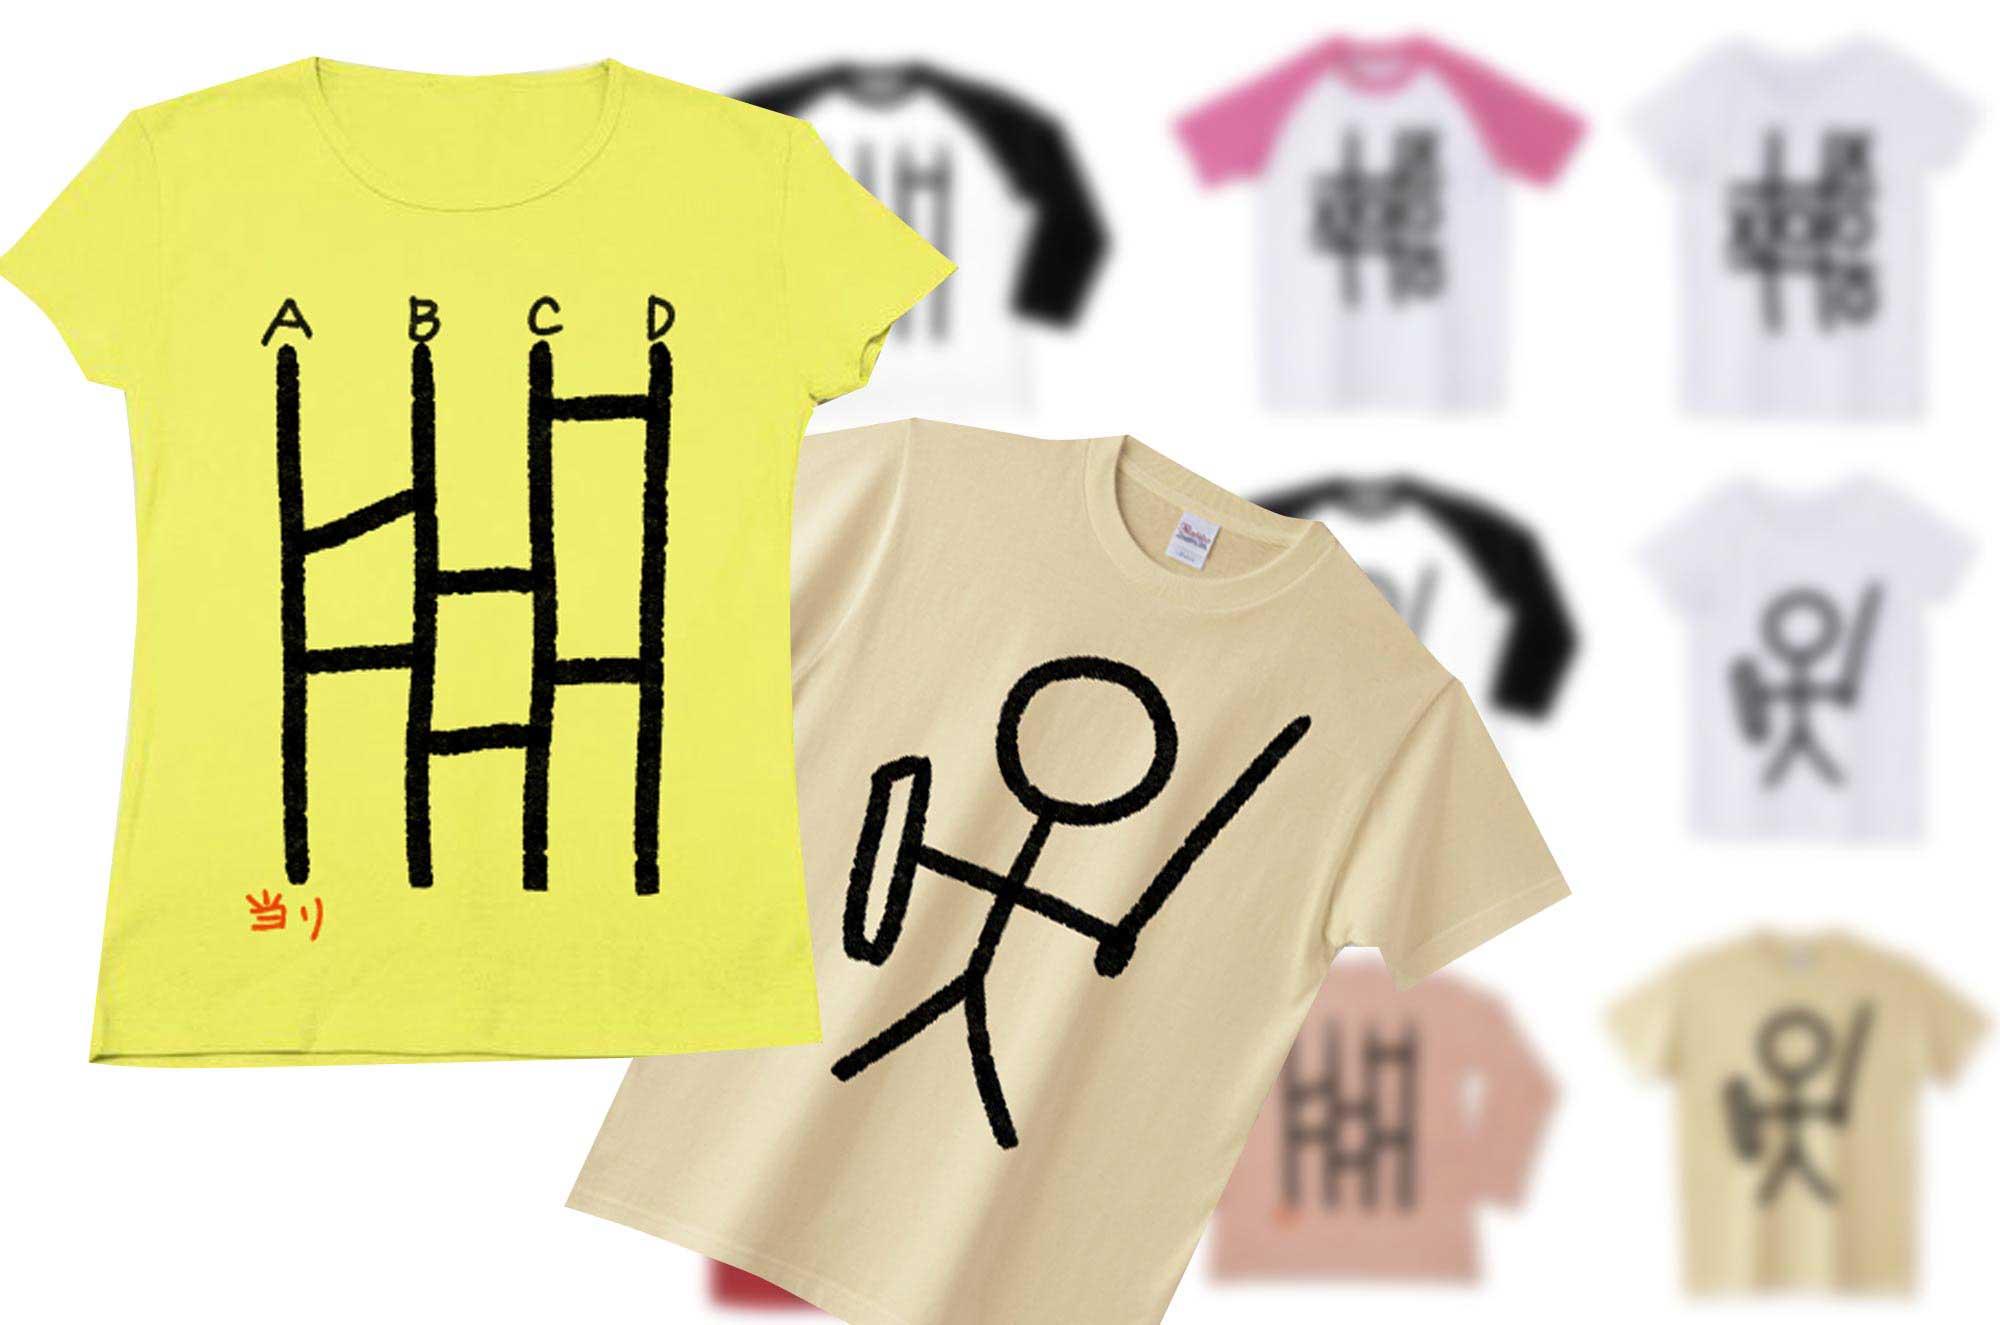 変なTシャツ - 落書き風の面白いデザイン